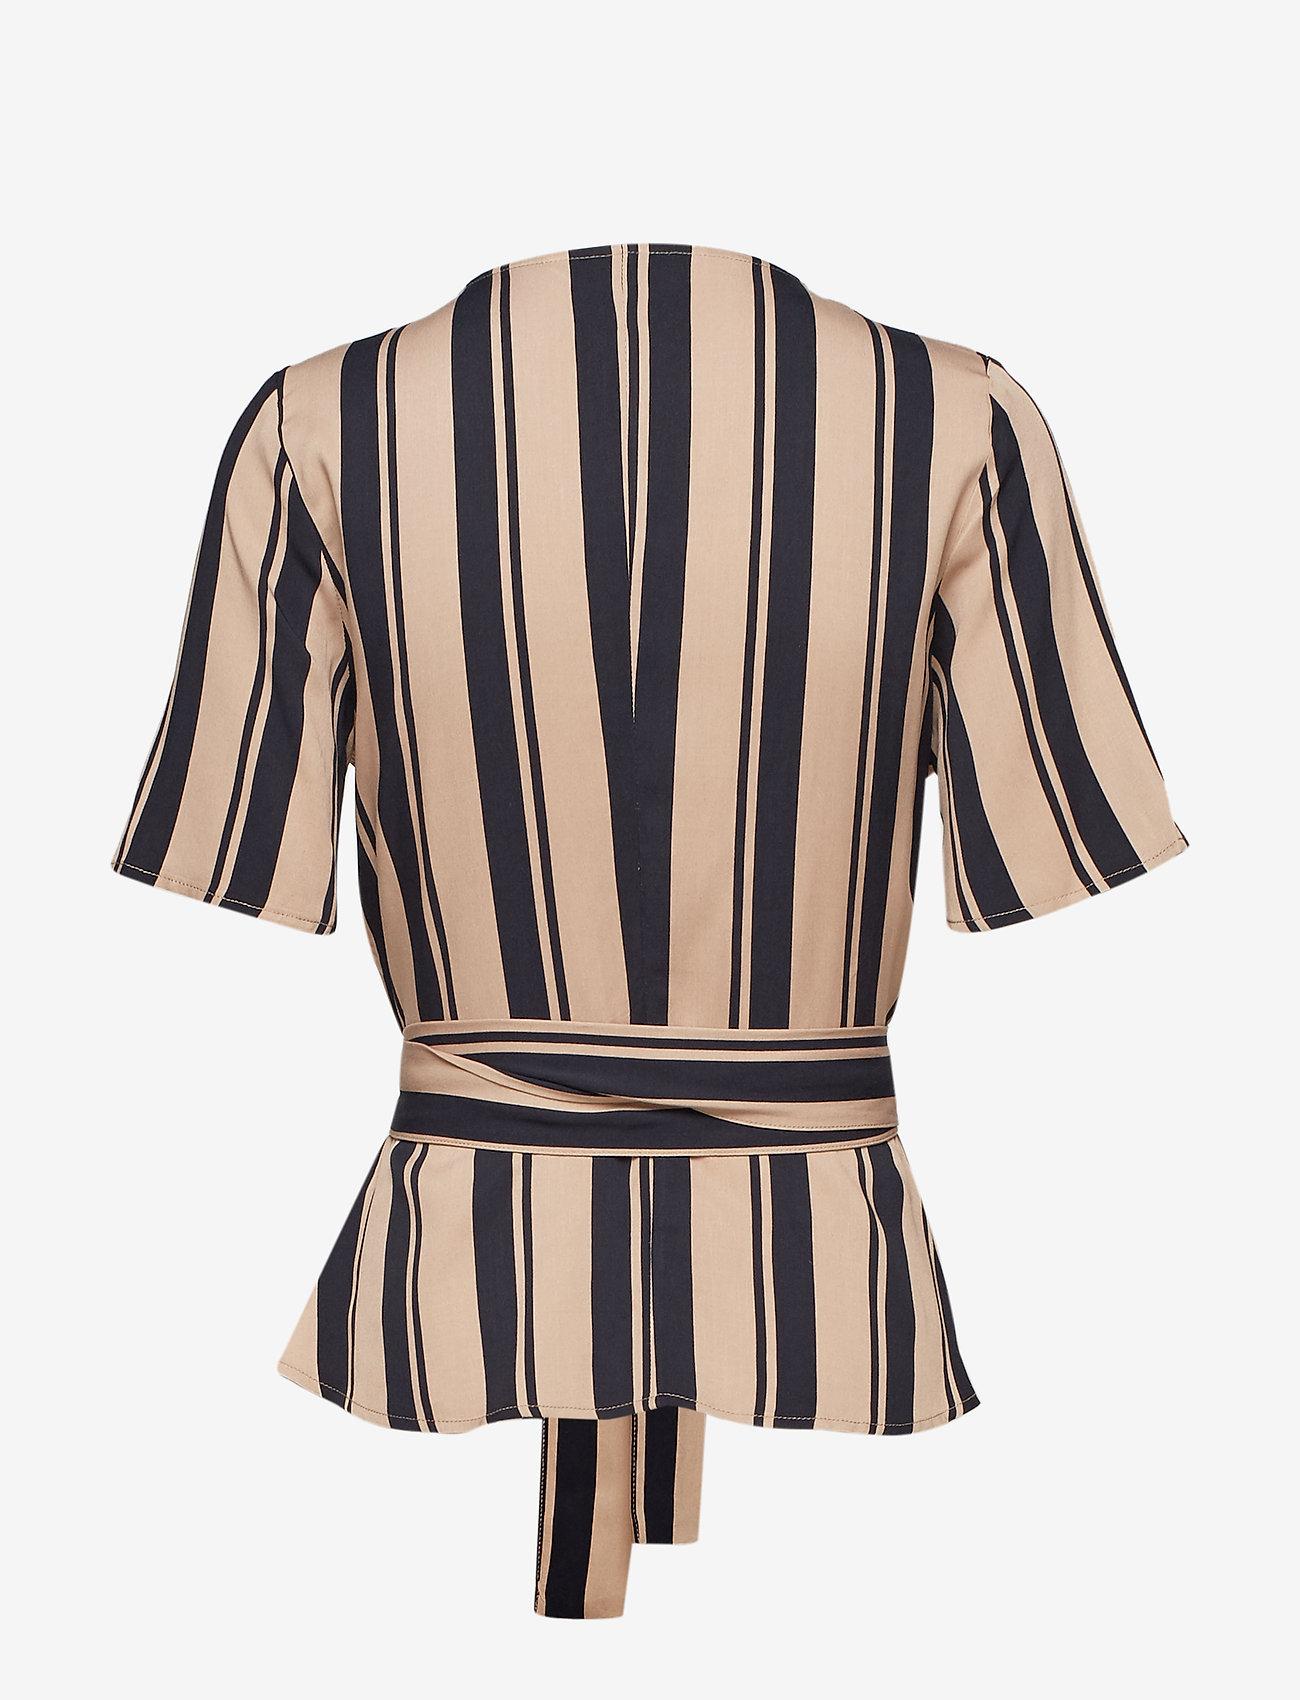 Camilla Pihl - Hug - lyhythihaiset puserot - navy/sand stripe